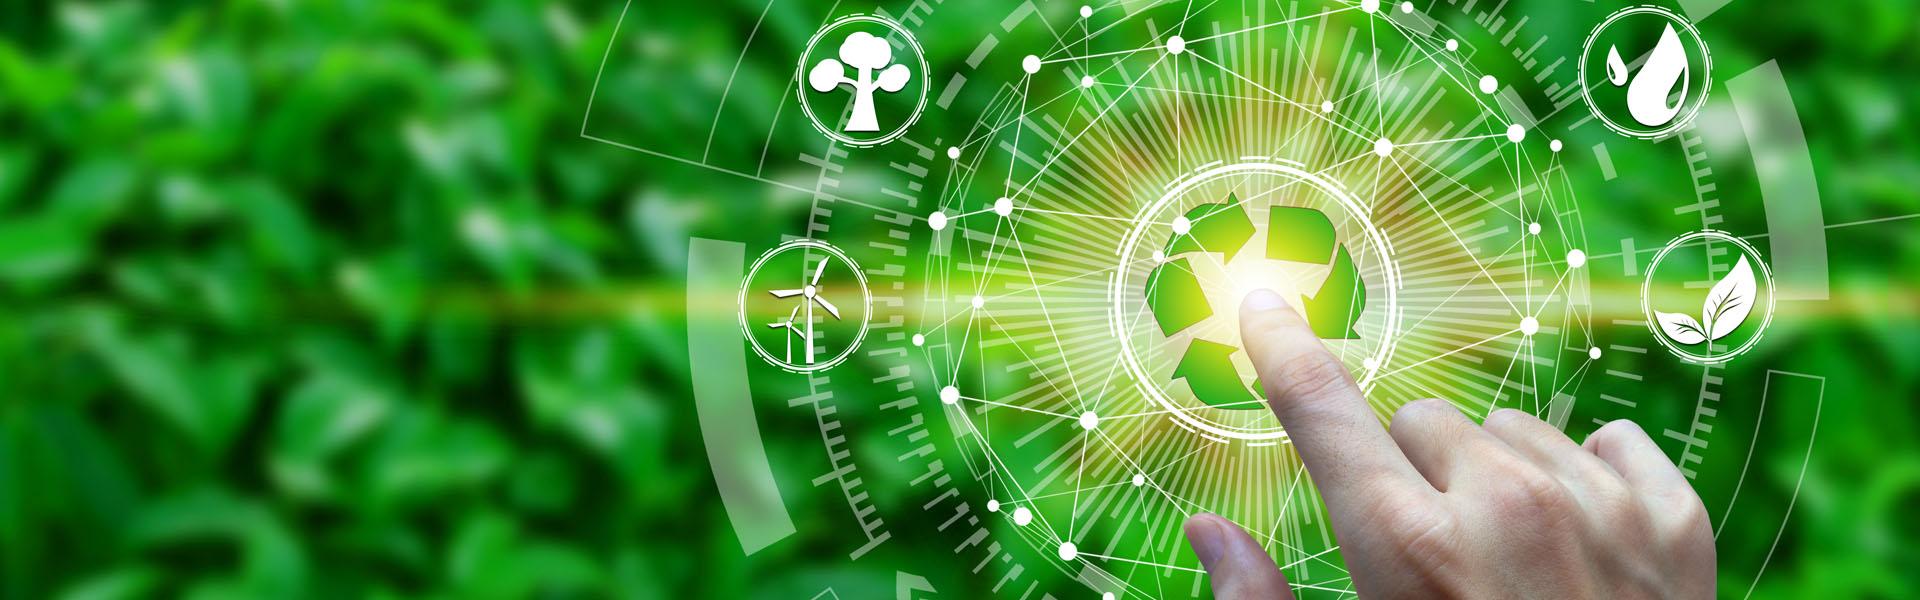 愛護地球 ‧ 永續環保